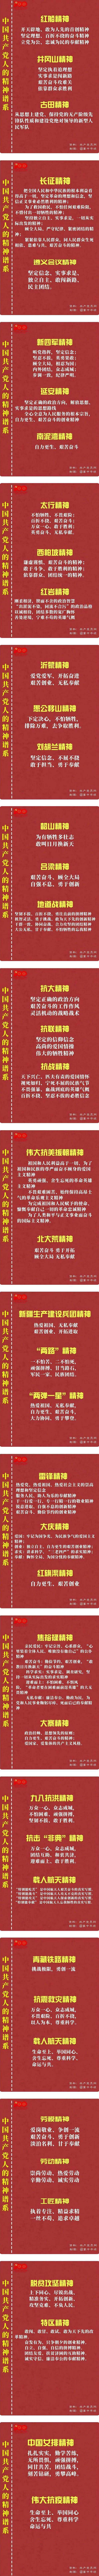 中国共产党人的精神谱系.jpg